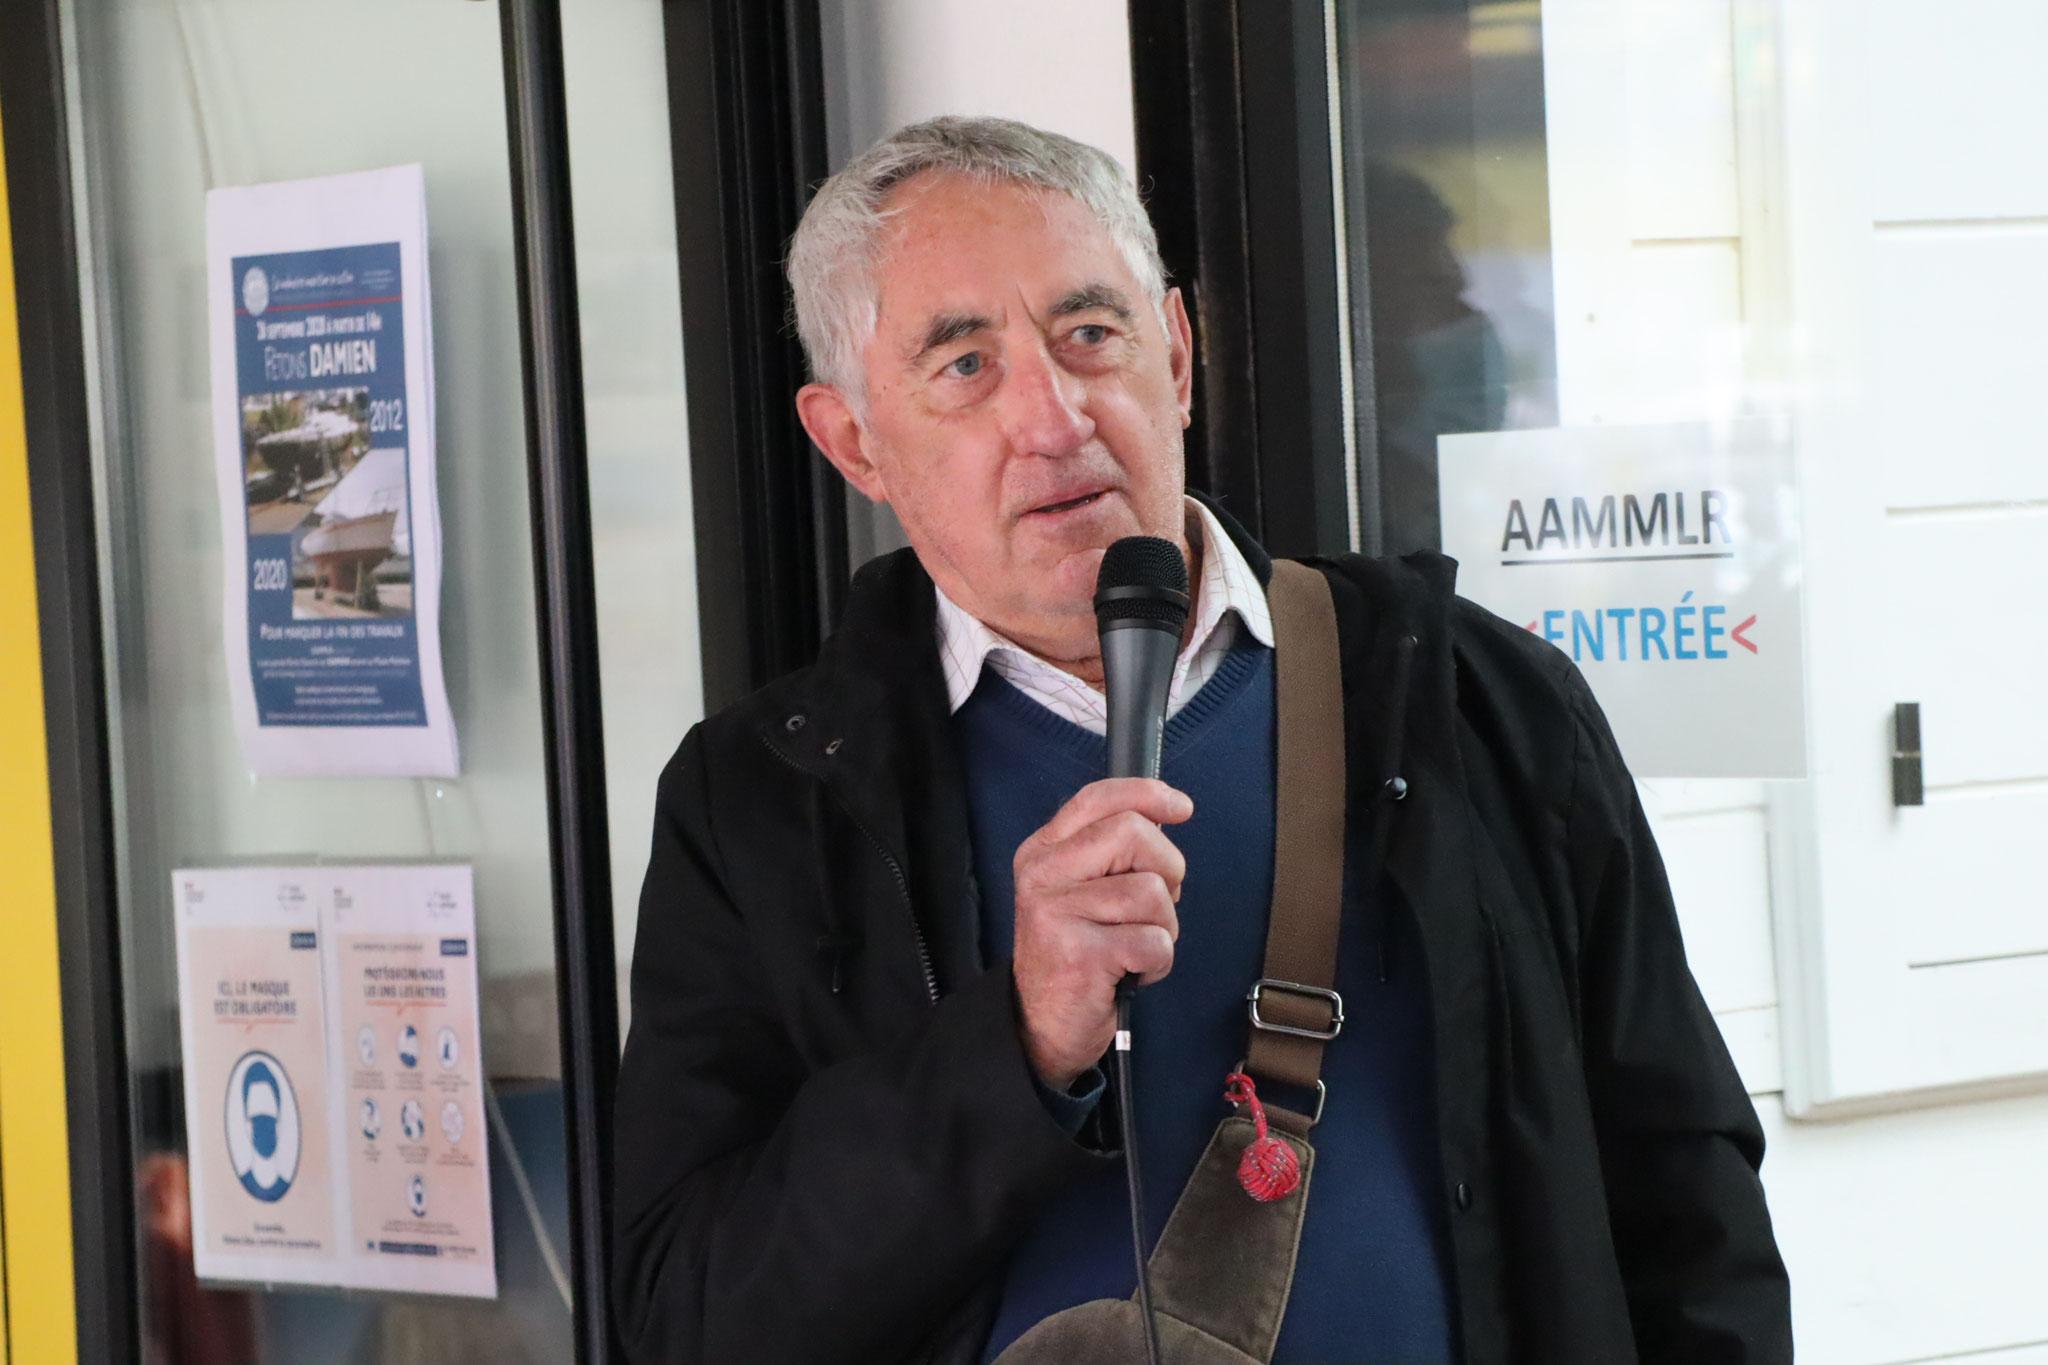 Alain Barrès